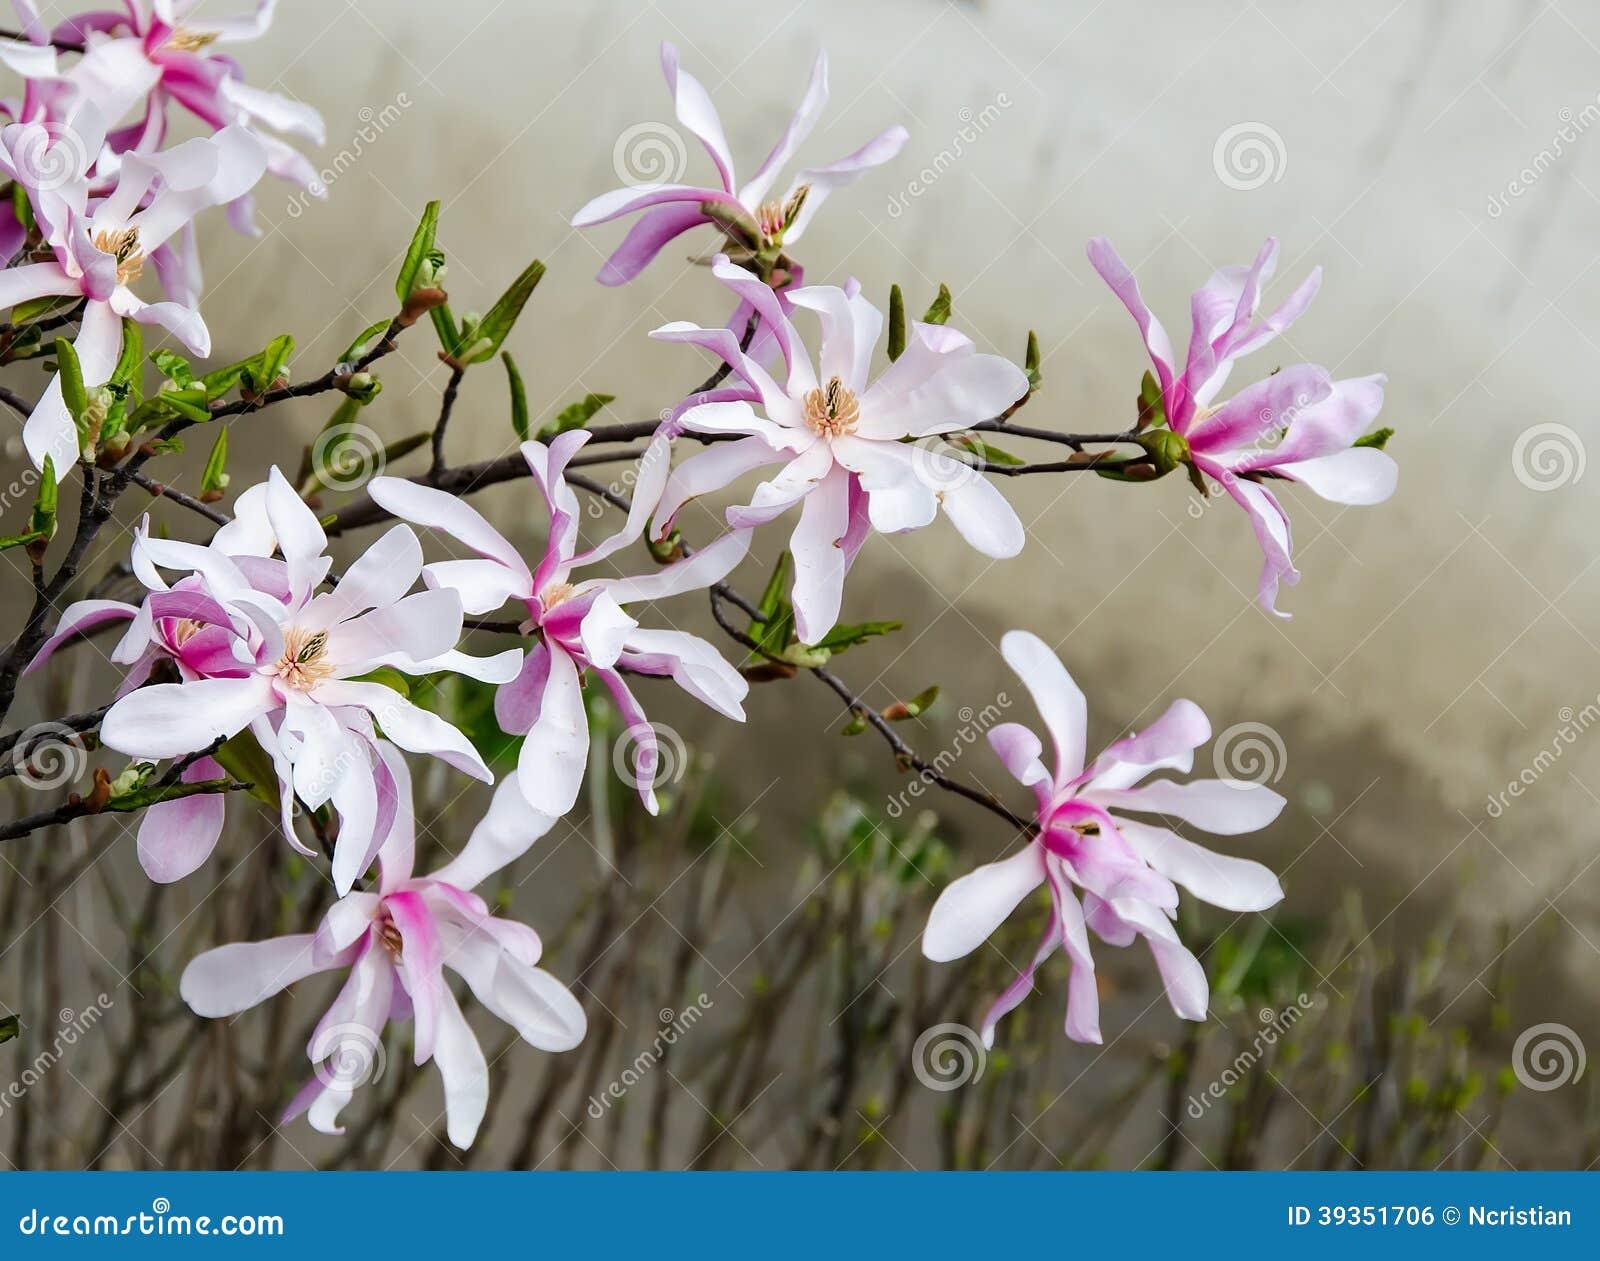 Magnolia Wit-roze Bloemen Stock Foto - Afbeelding: 39351706